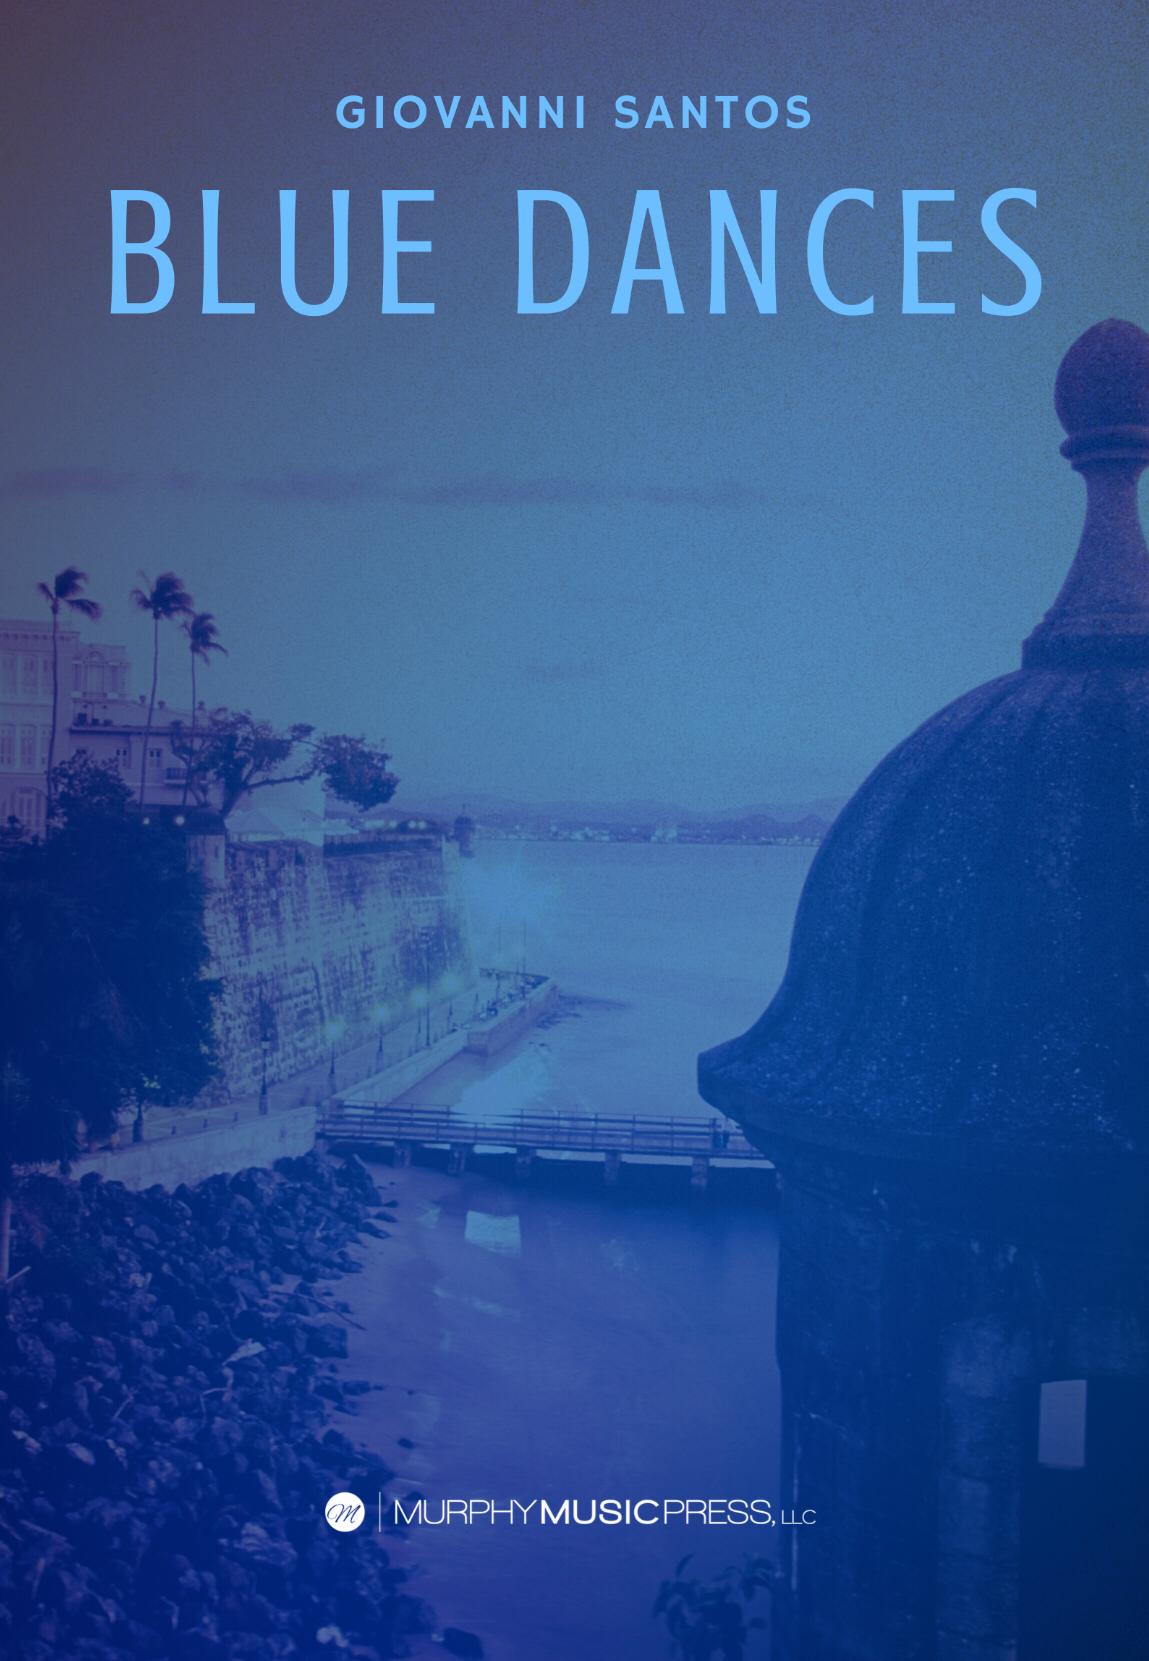 Blue Dances by Giovanni Santos